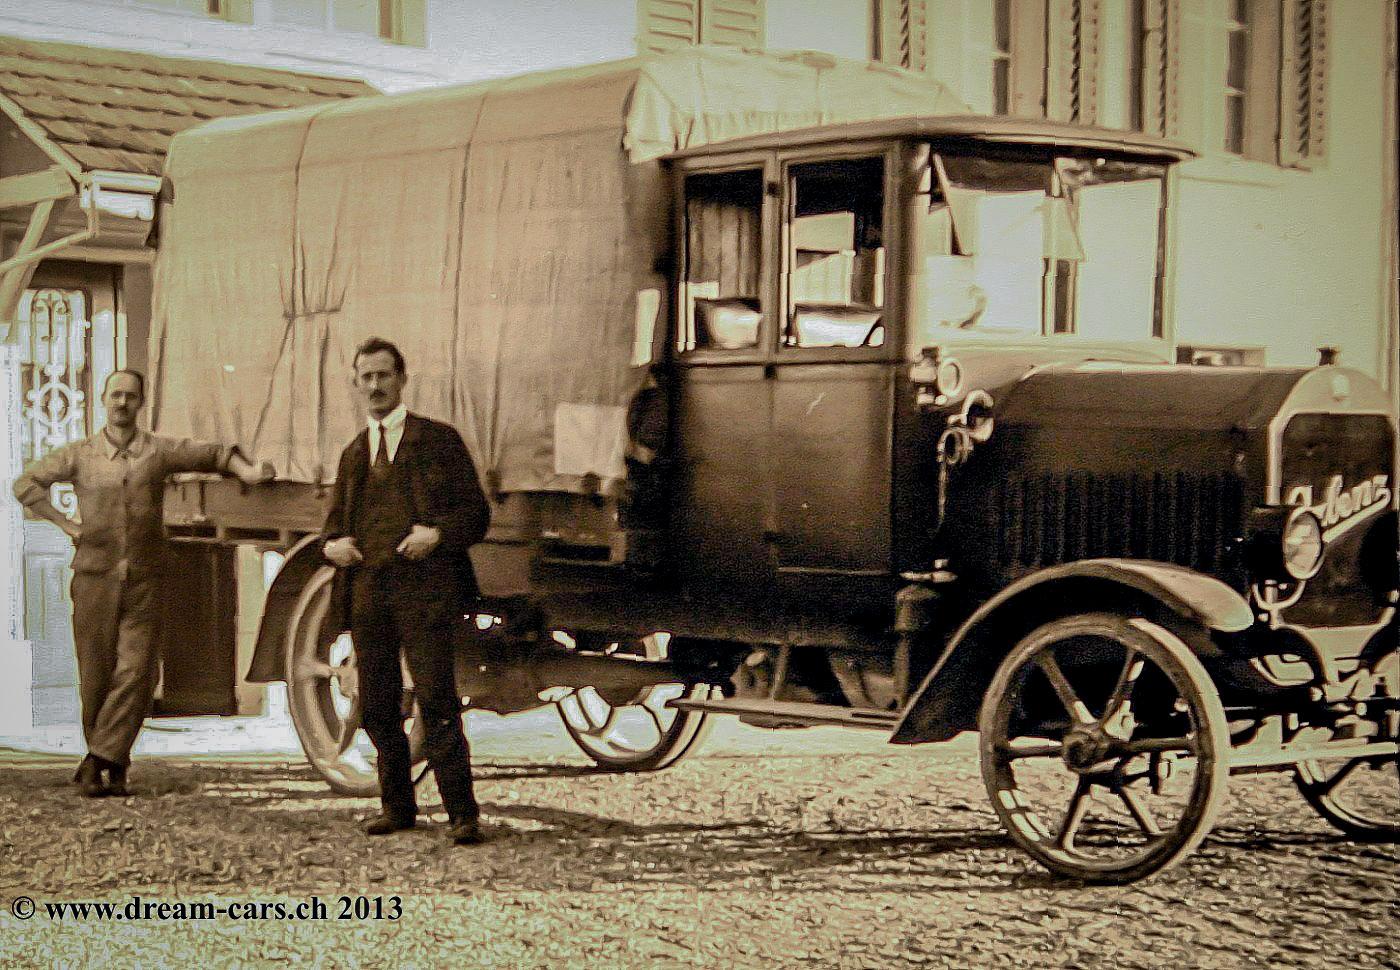 Ein Arbenz Lastwagen mit damals üblicher Vollgummibereifung. Bildquelle: Archiv DREAM-CARS.CH